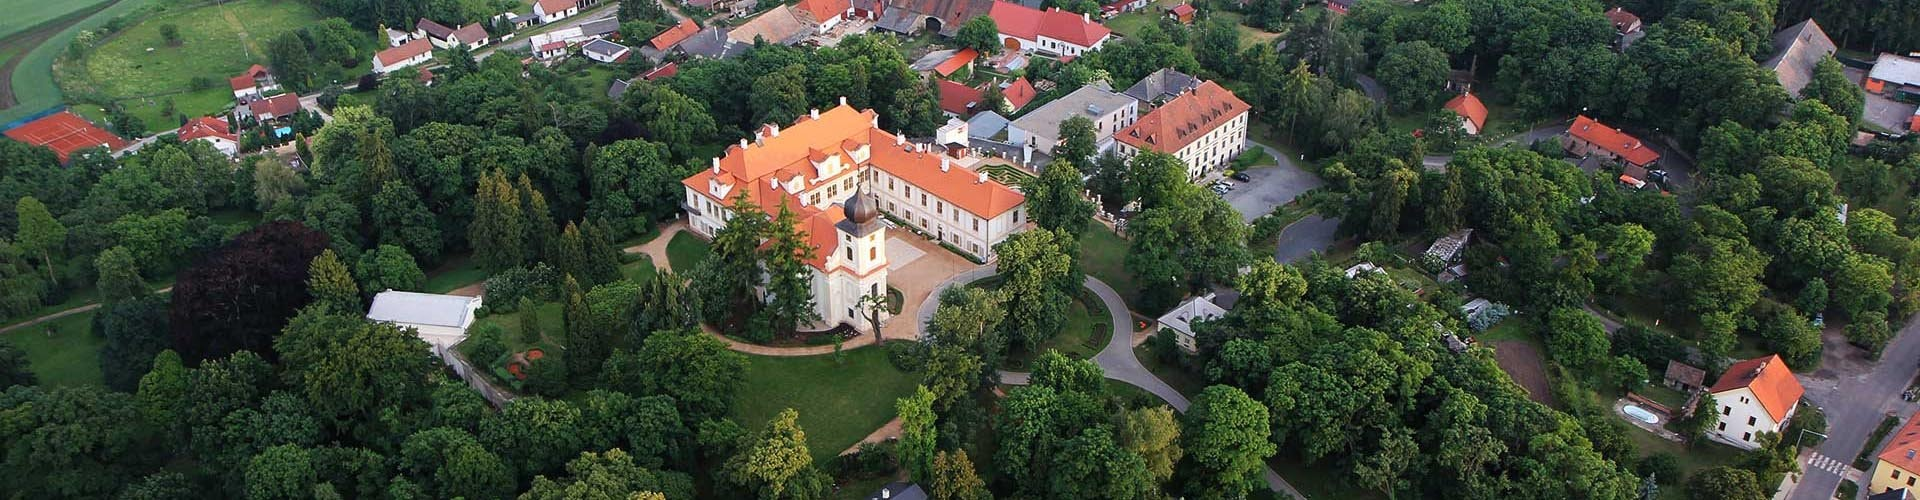 Postavy z nejoblíbenějších Večerníčků potkáte už brzy právě na zámku Loučeň